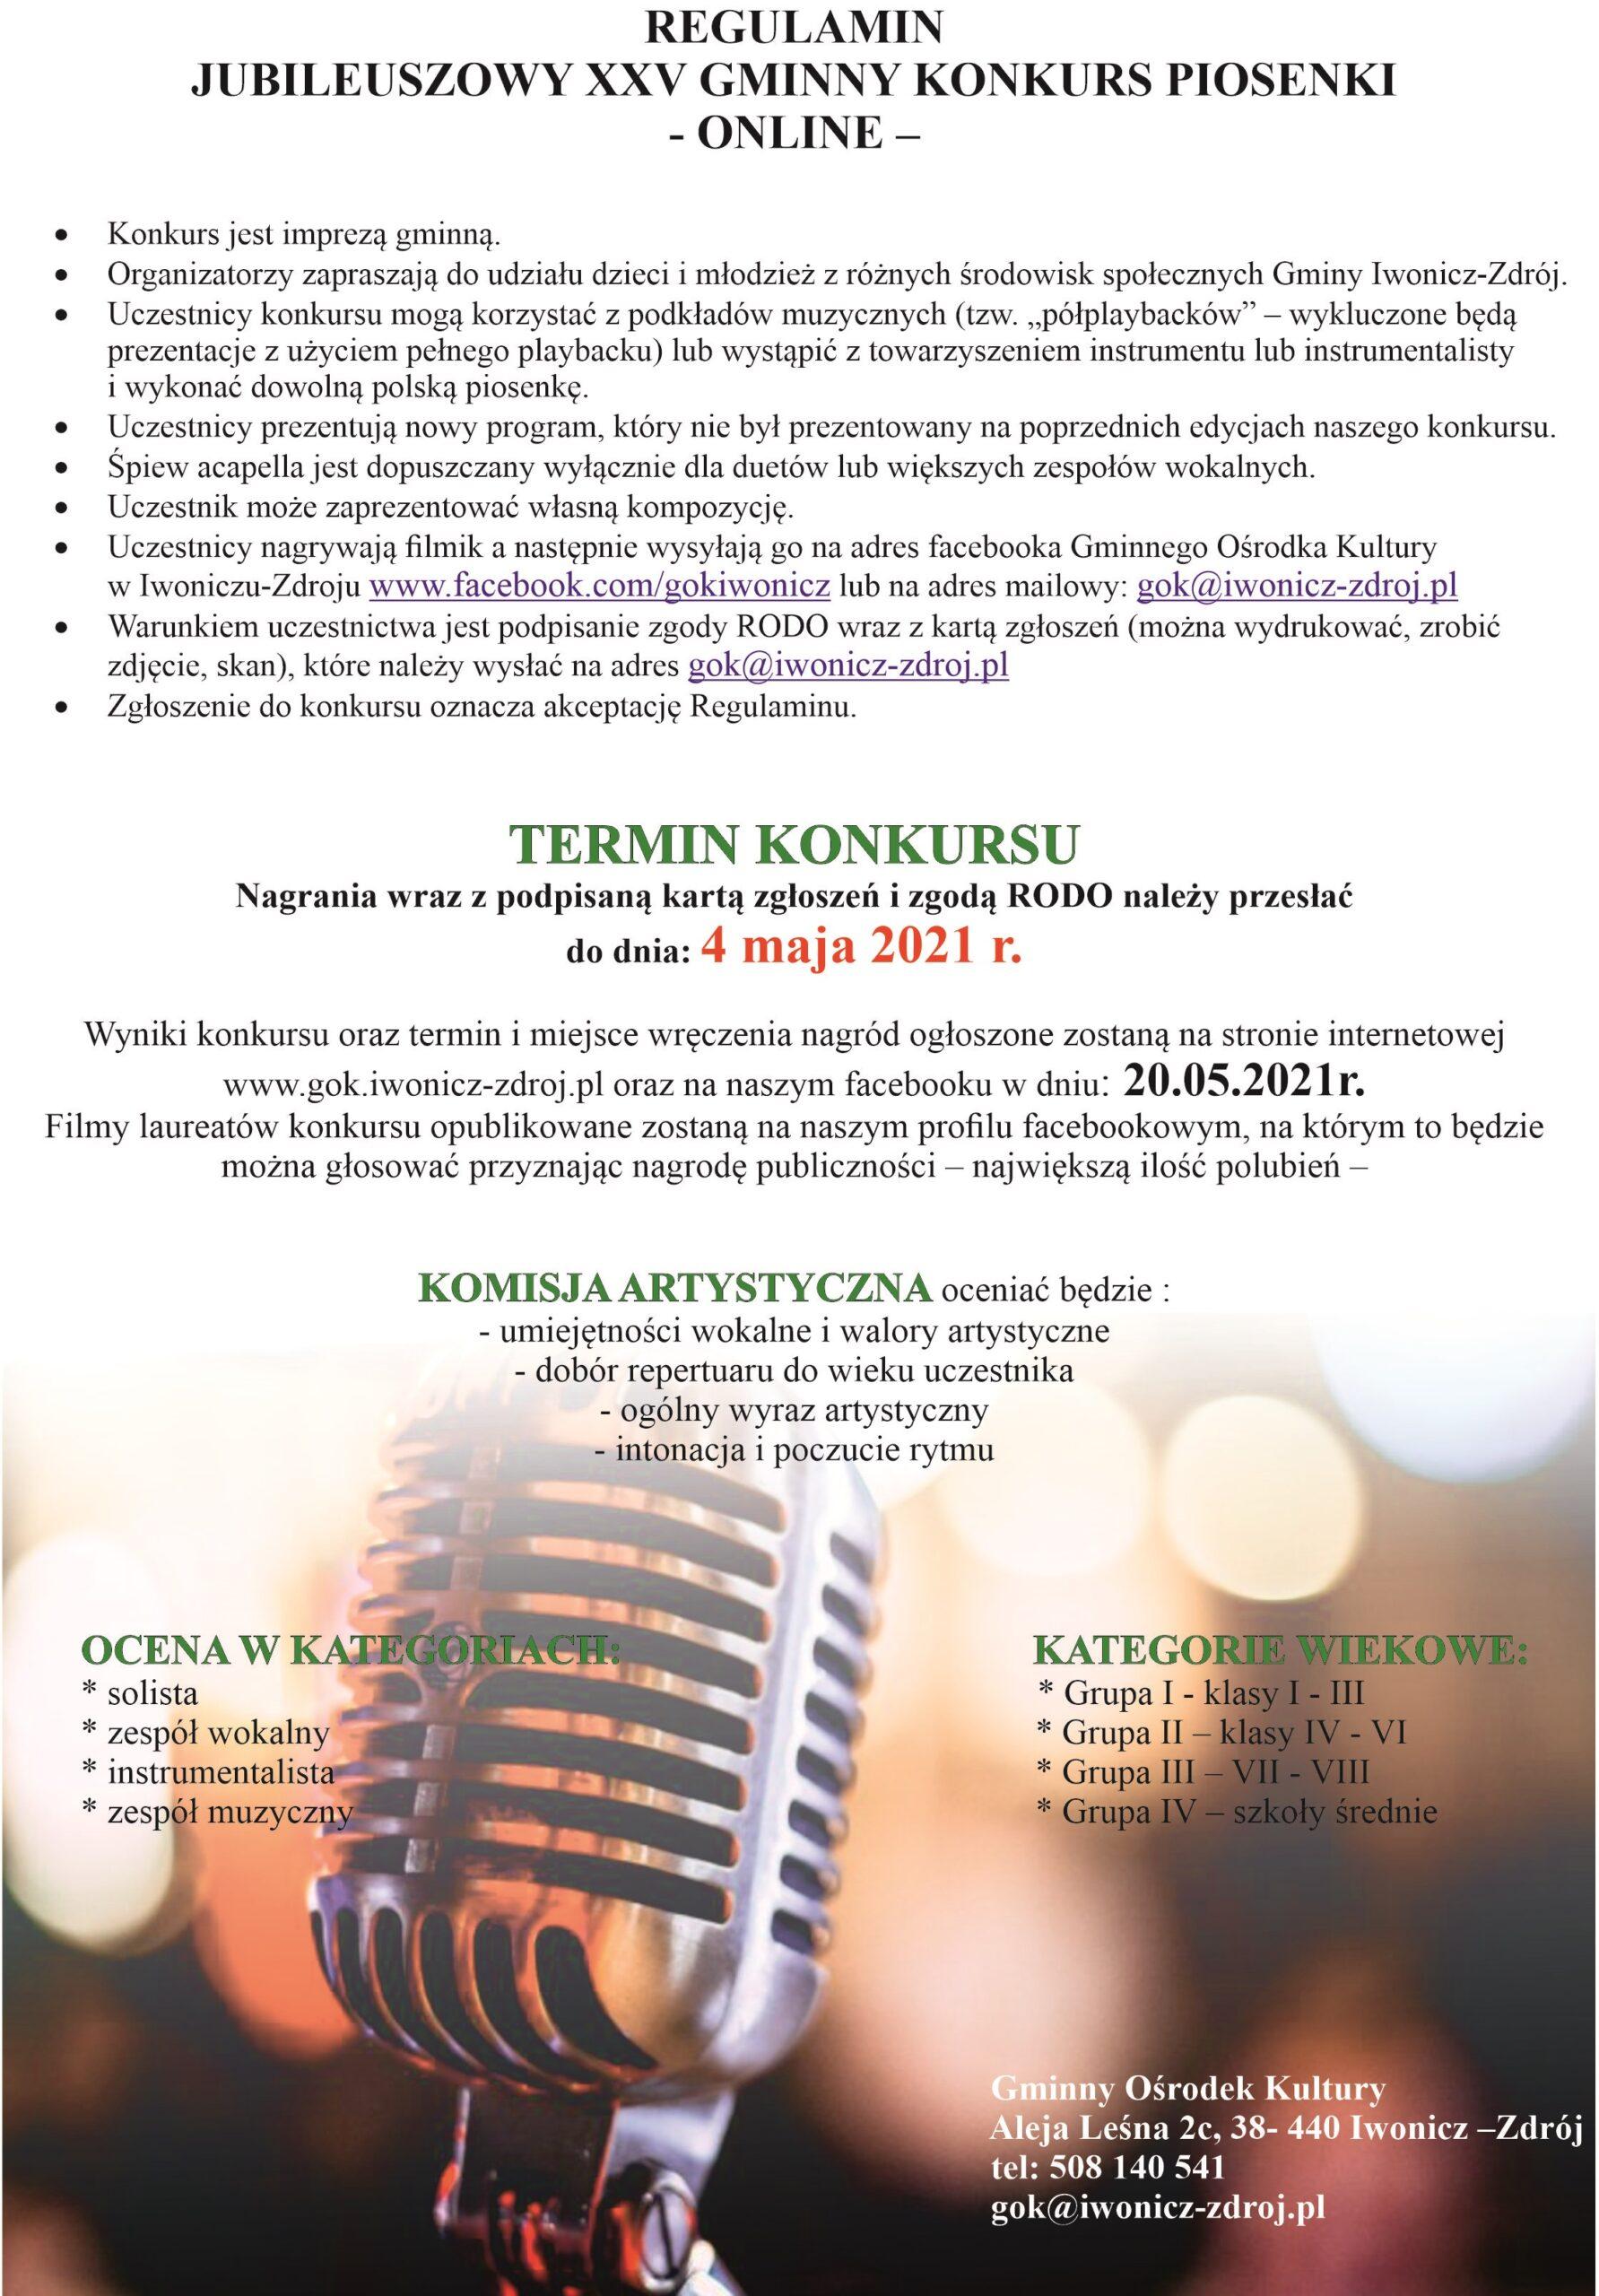 Regulamin-piosenka-online-2021